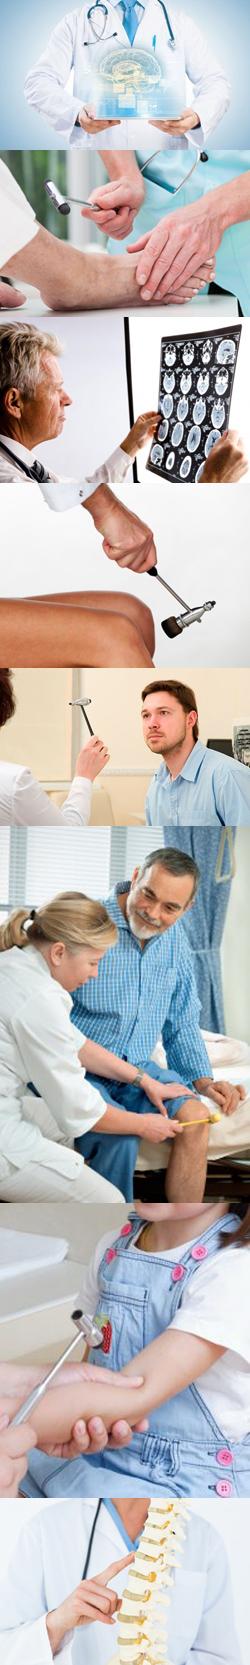 Какие заболевания лечит невролог у взрослых